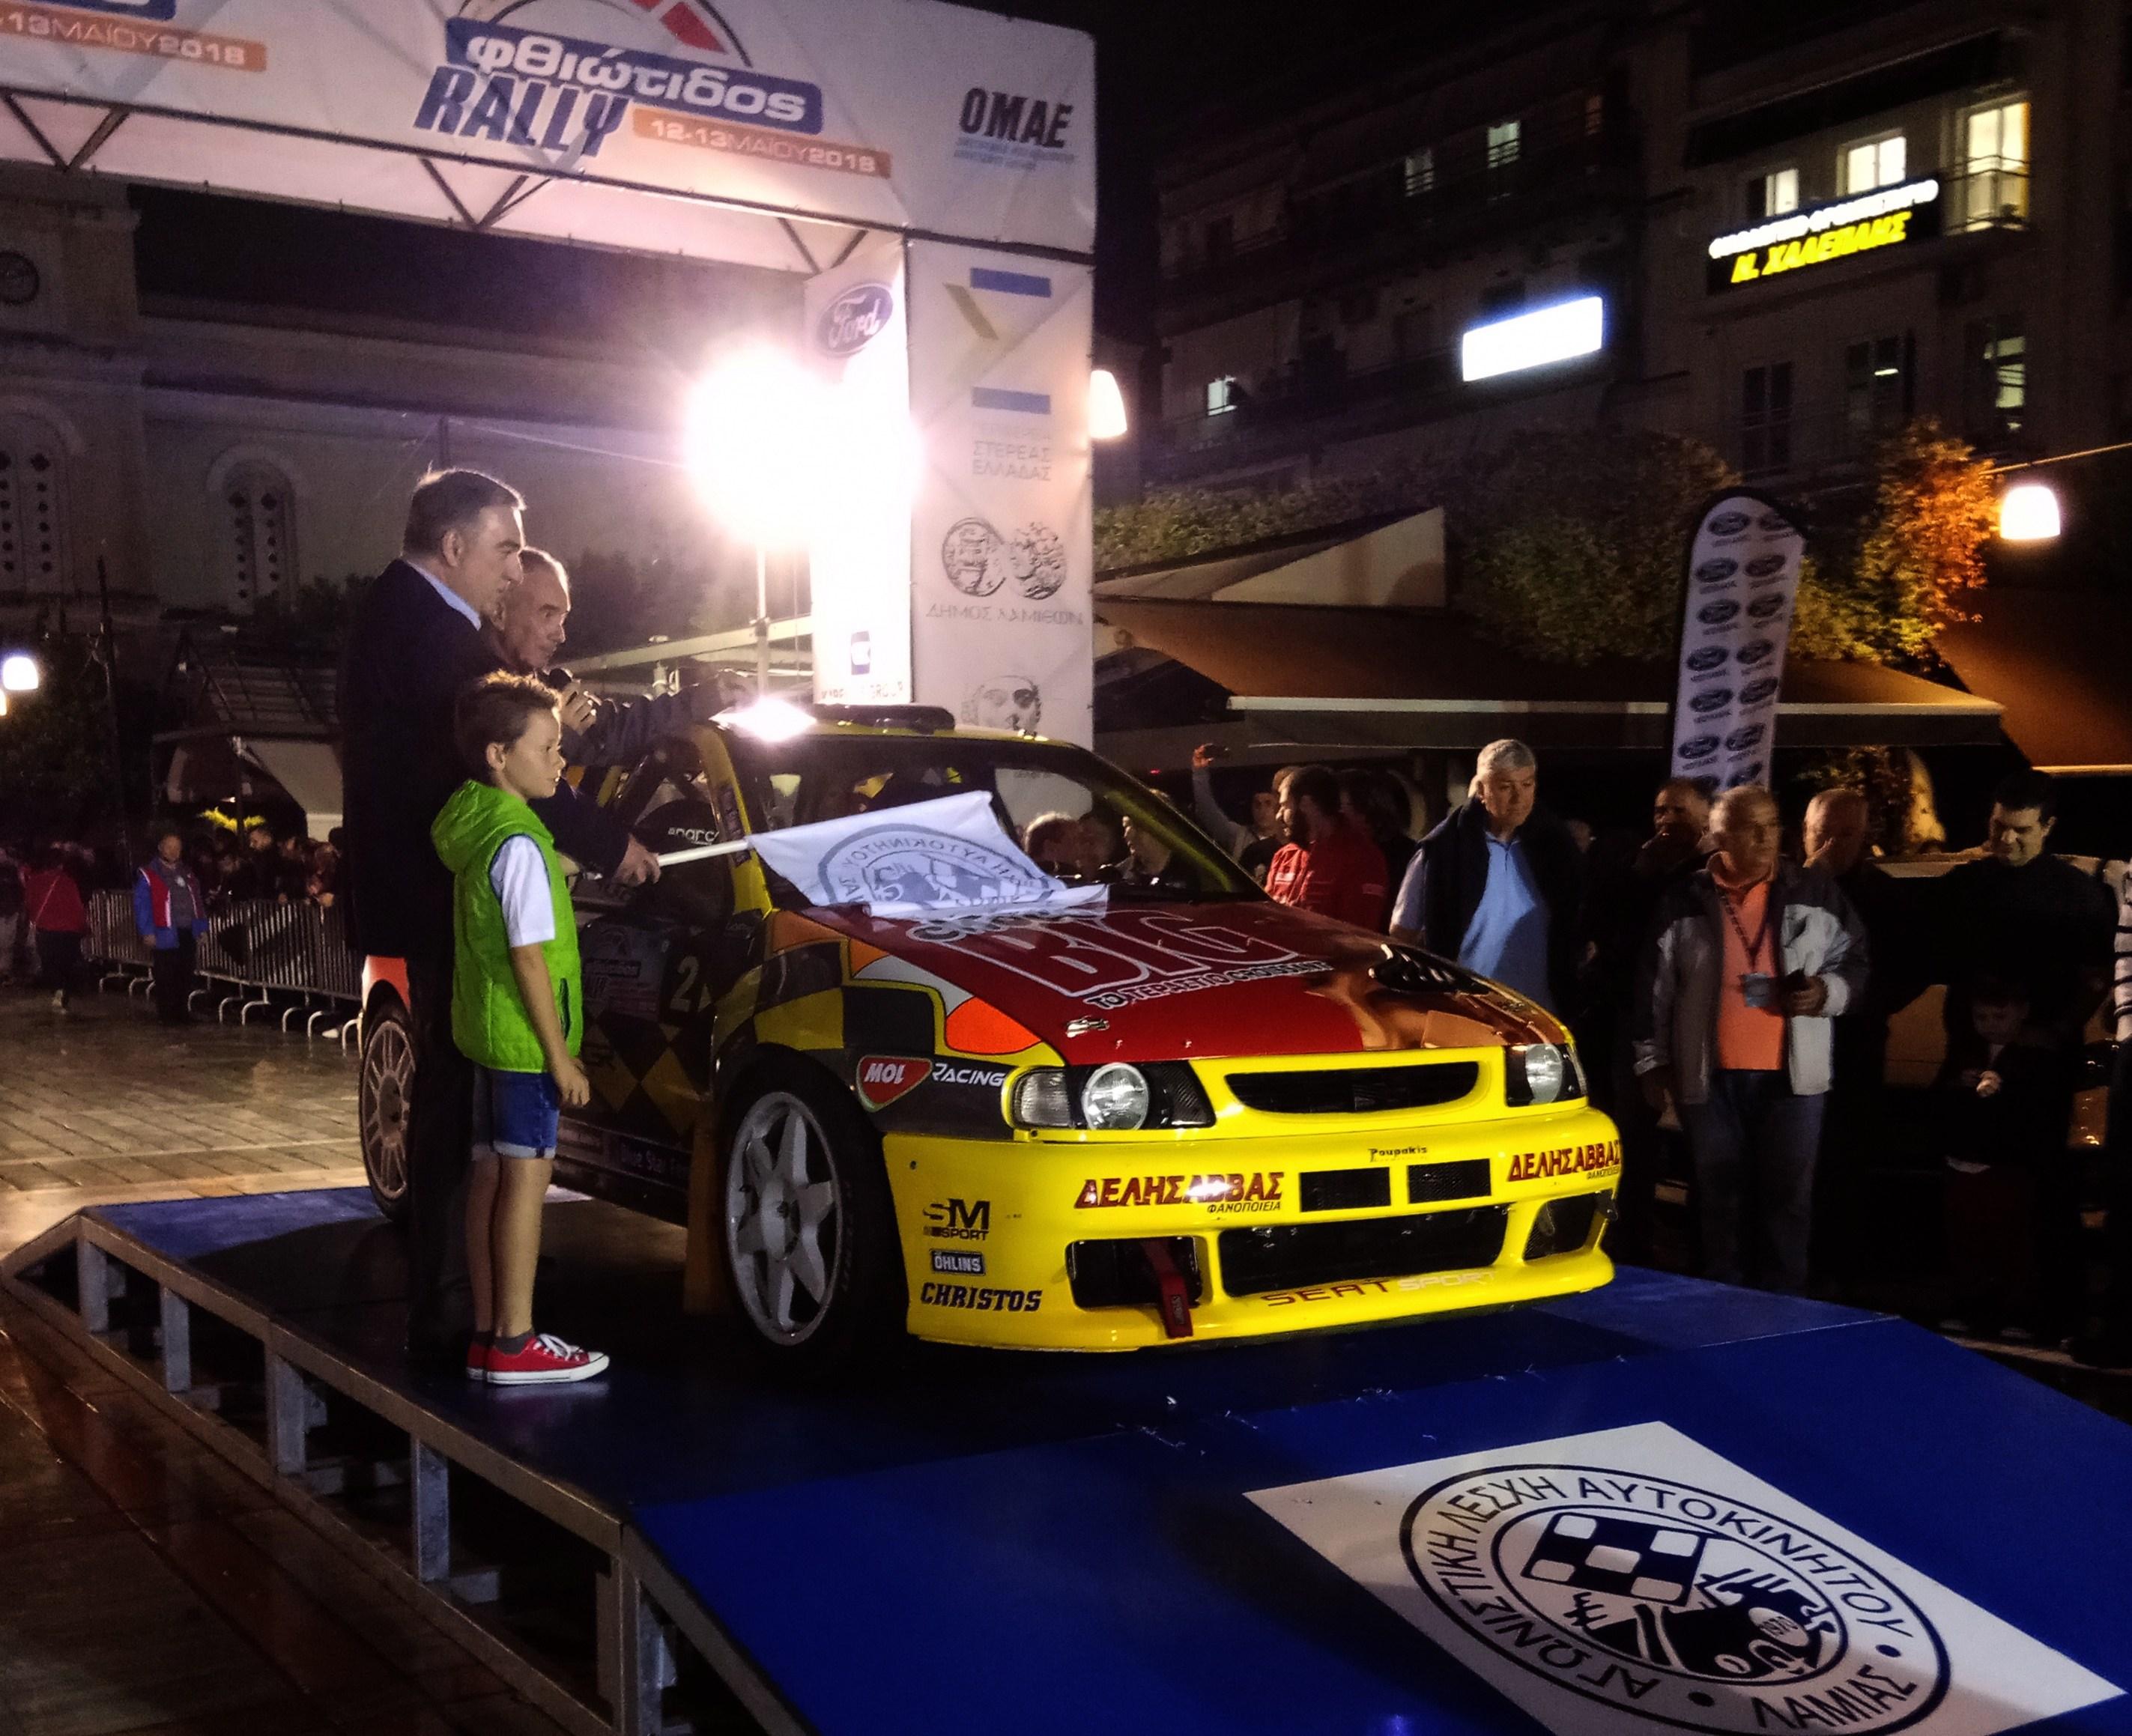 Ξεκινάει το Ράλι Φθιώτιδος- Μετράει στο Πανελλήνιο Πρωτάθλημα Ράλι Ασφάλτου